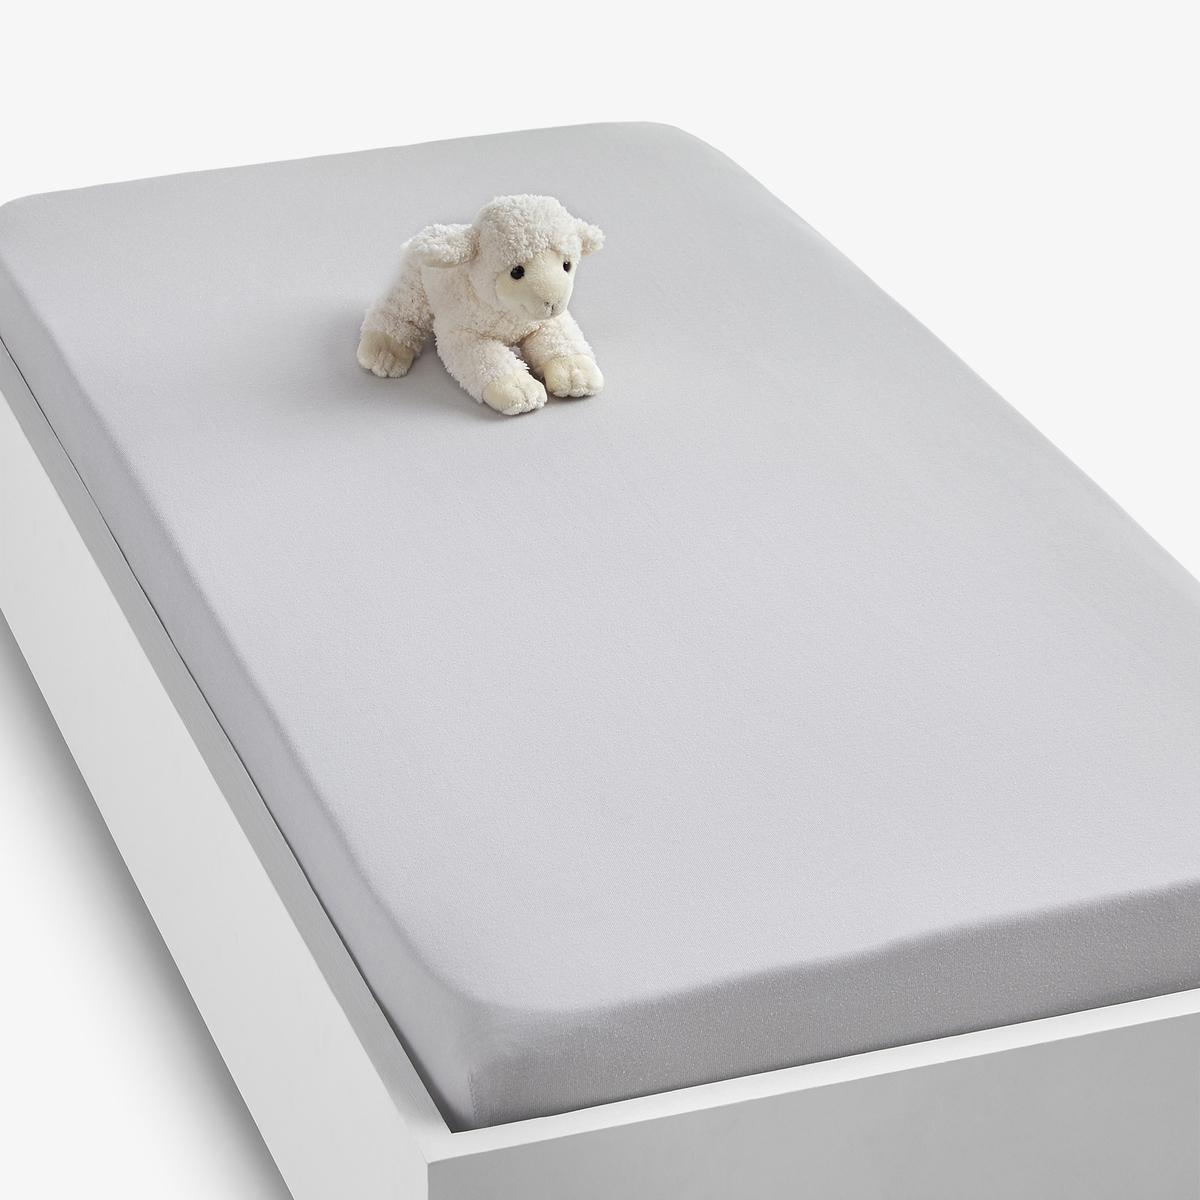 Простыня LaRedoute Натяжная из джерси 100 хлопок Scnario 60 x 120 см серый